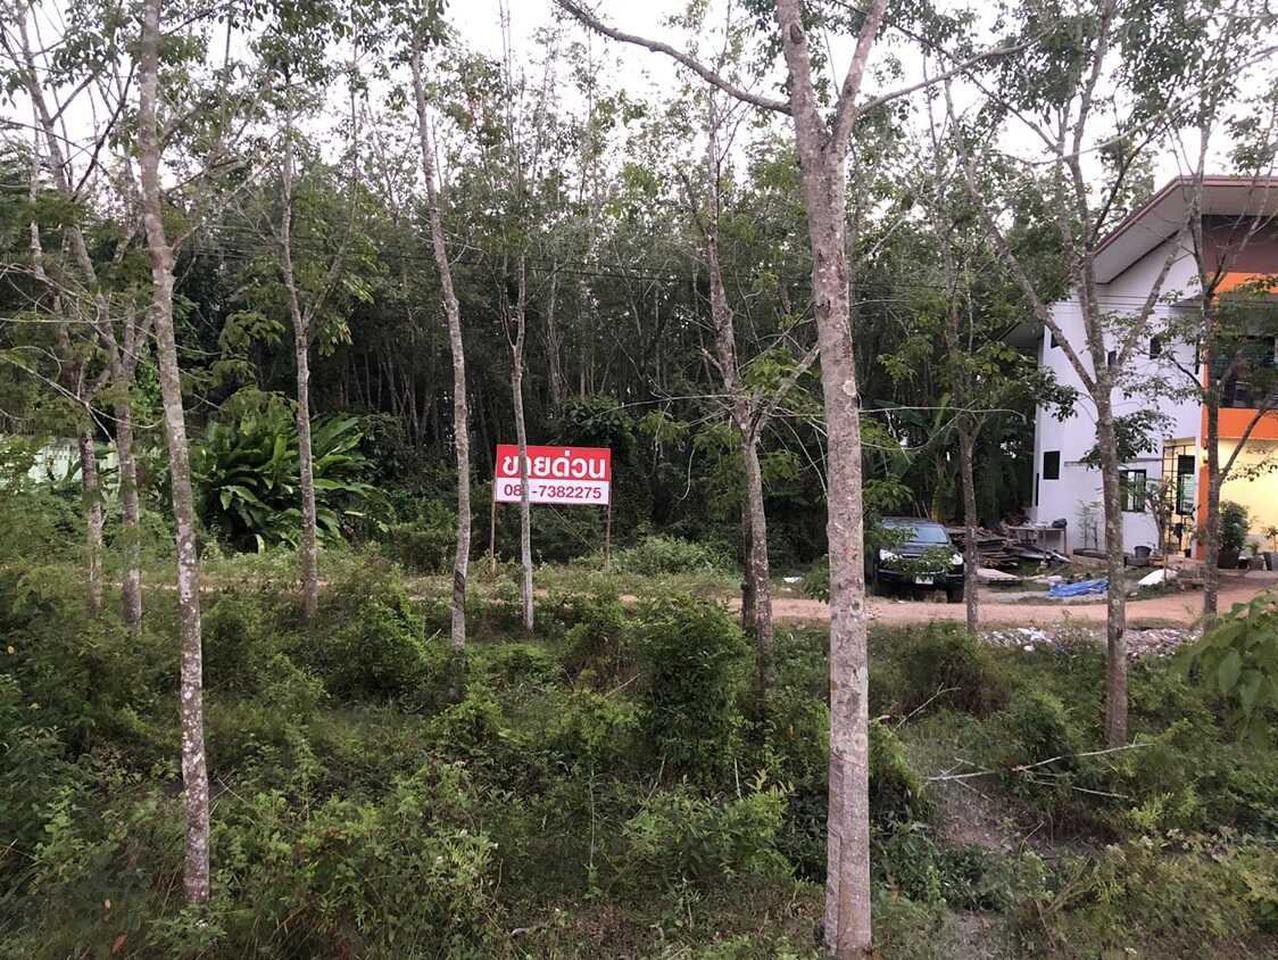 ขายด่วน!!! ที่ดิน พื้นที่ขนาด 94 ตารางวา บ้านหนองนายขุ้ย ไม่ไกลจากถนนใหญ่สายลพบุรีราเมศวร์ อ.หาดใหญ่ จ.สงขลา รูปที่ 6